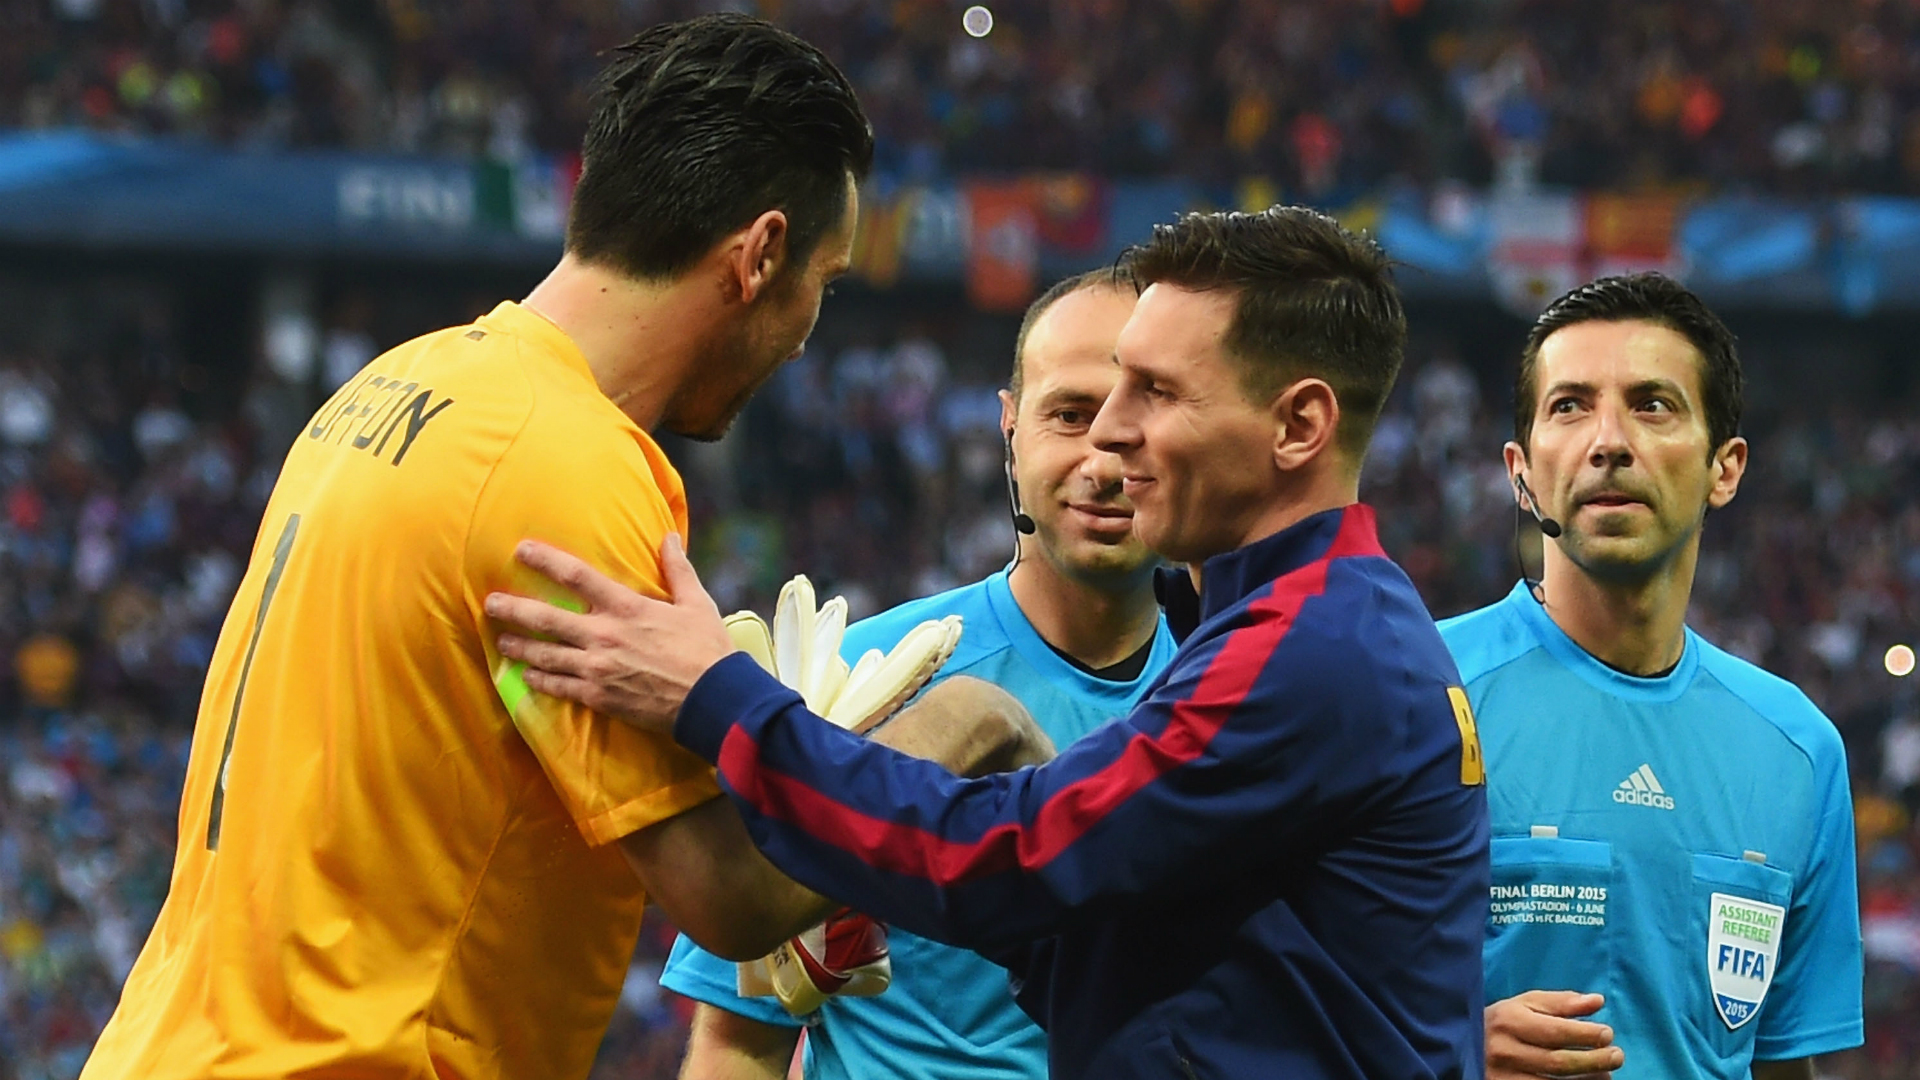 LDC : Bayern Munich-Real Madrid, tête d'affiche des 1/4 de finale sensationnels